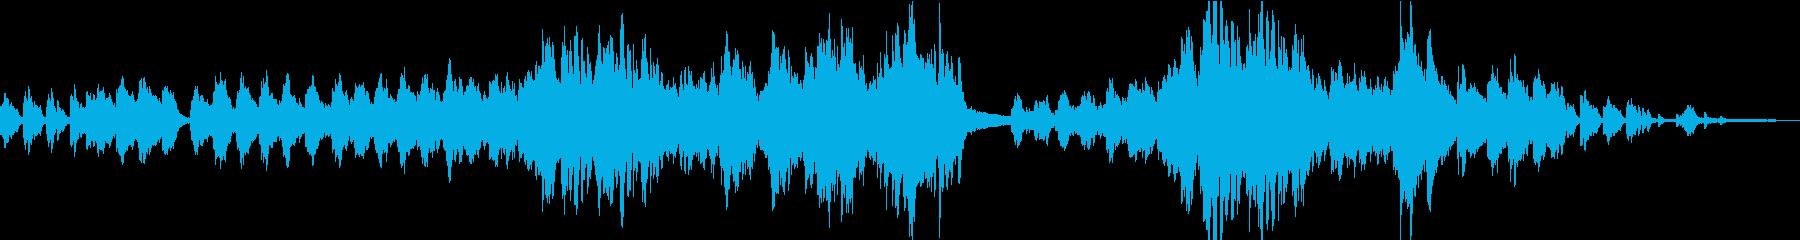 爽やかで優しいメロディが印象的なピアノ曲の再生済みの波形